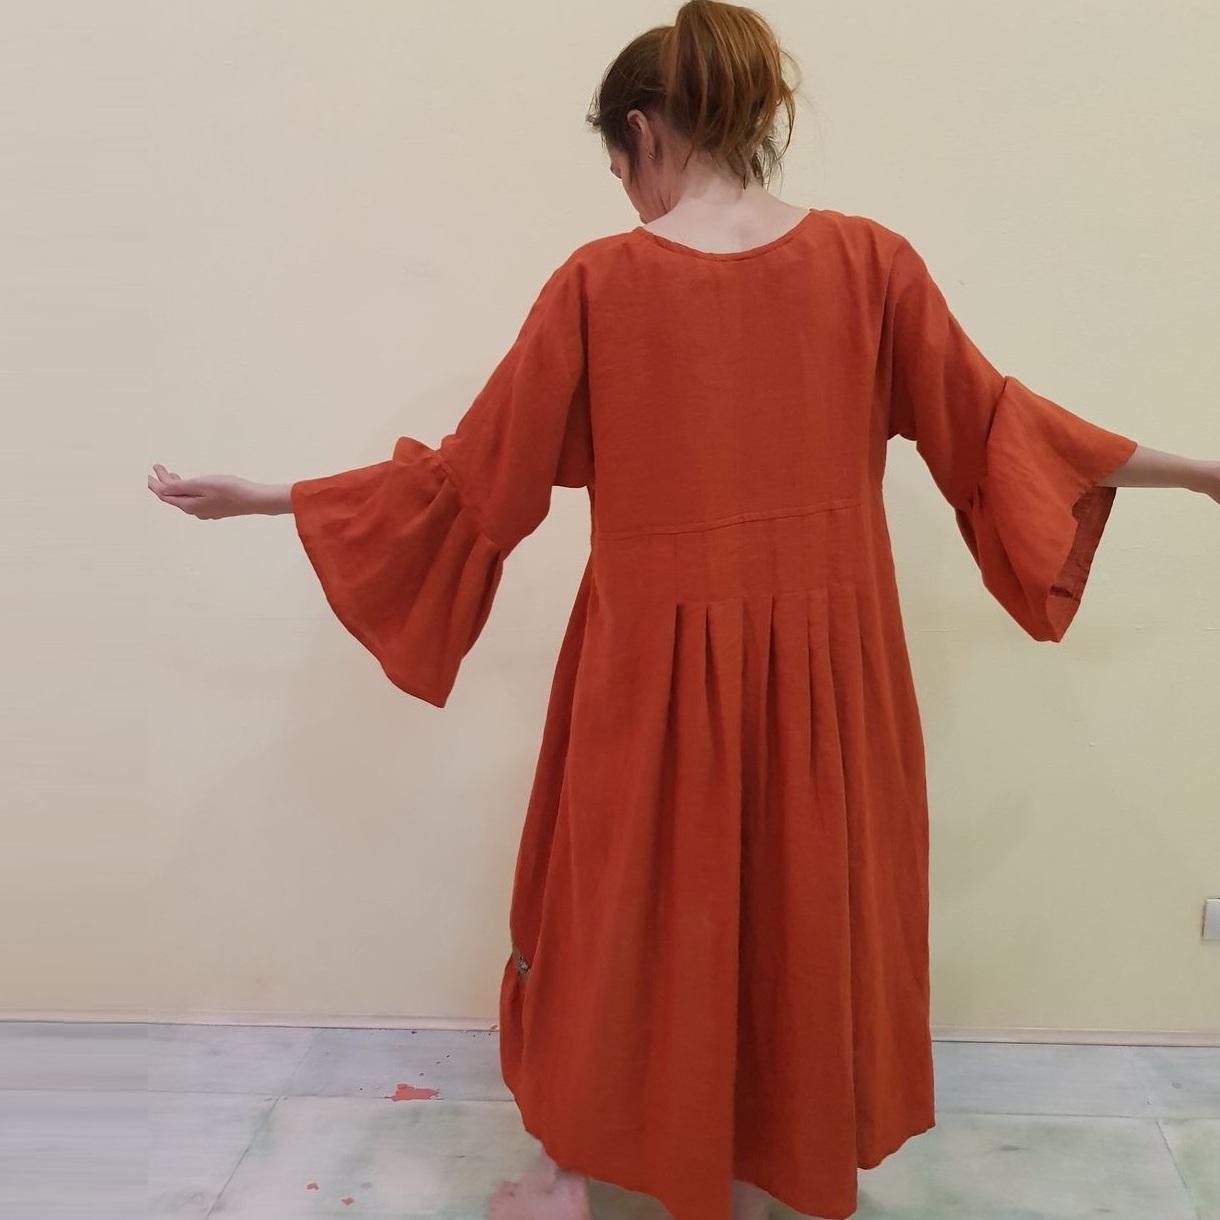 MarlЁn льняное терракотовое бохо платье